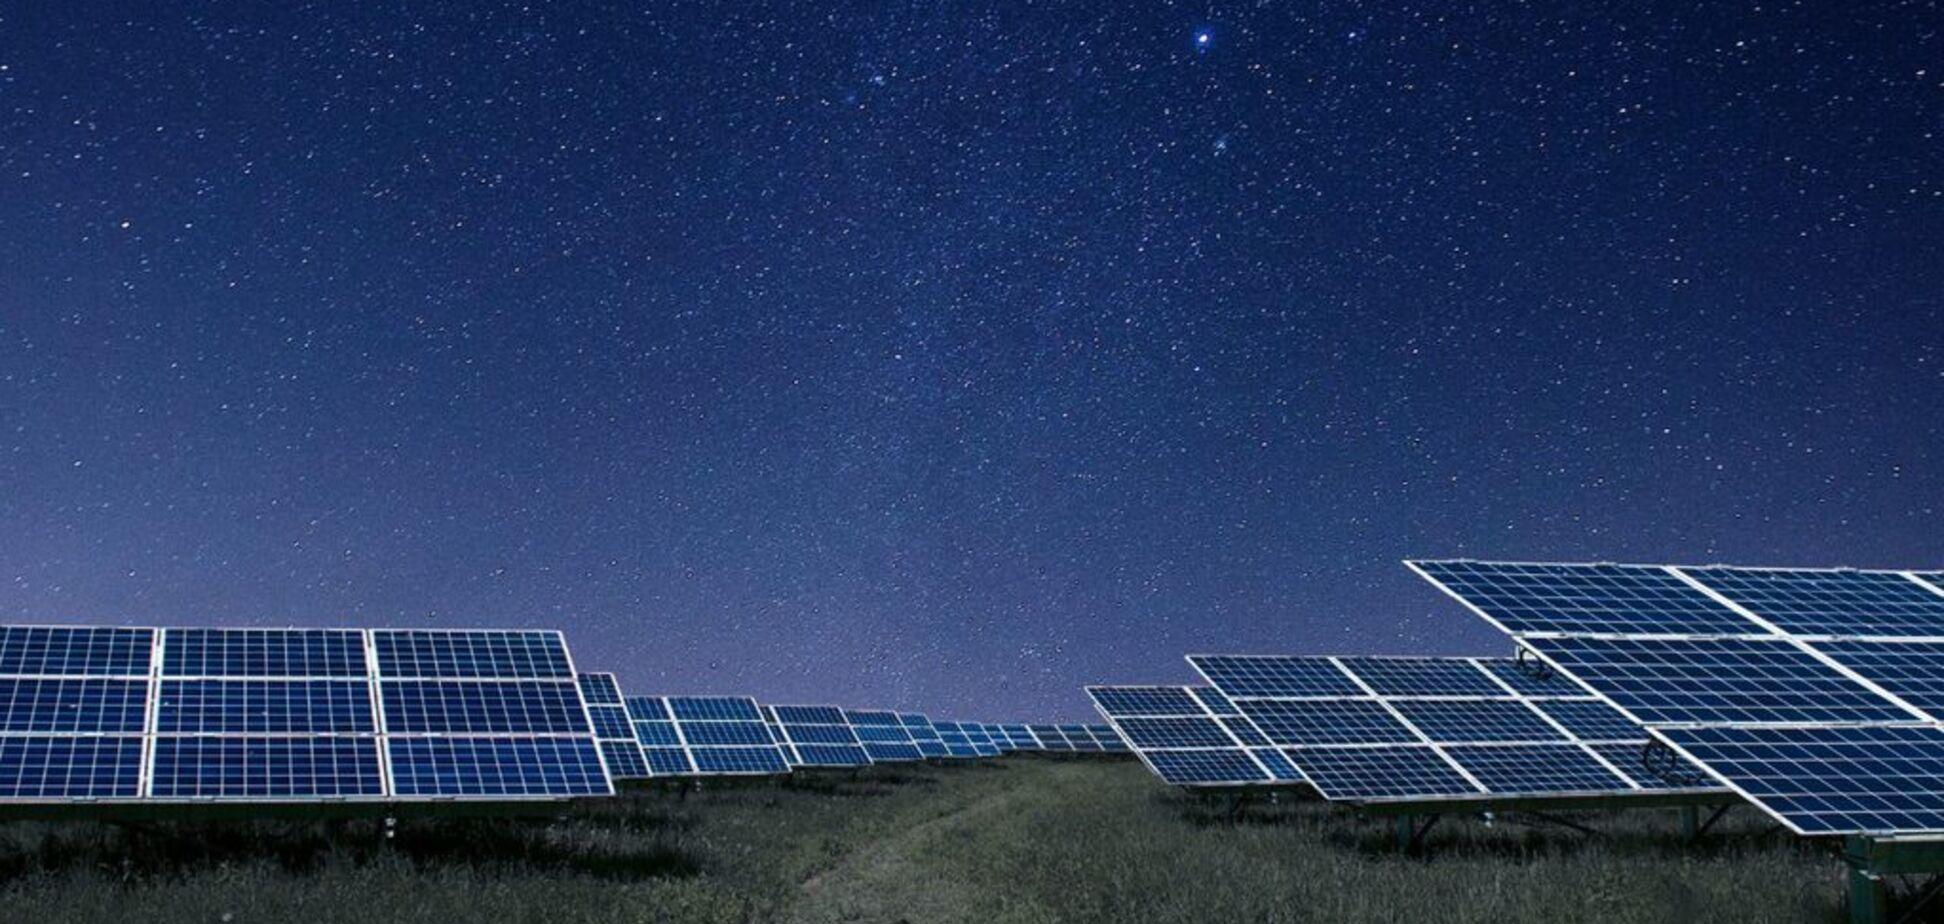 Сонячні станції почали працювати в нічний час: що придумали вчені